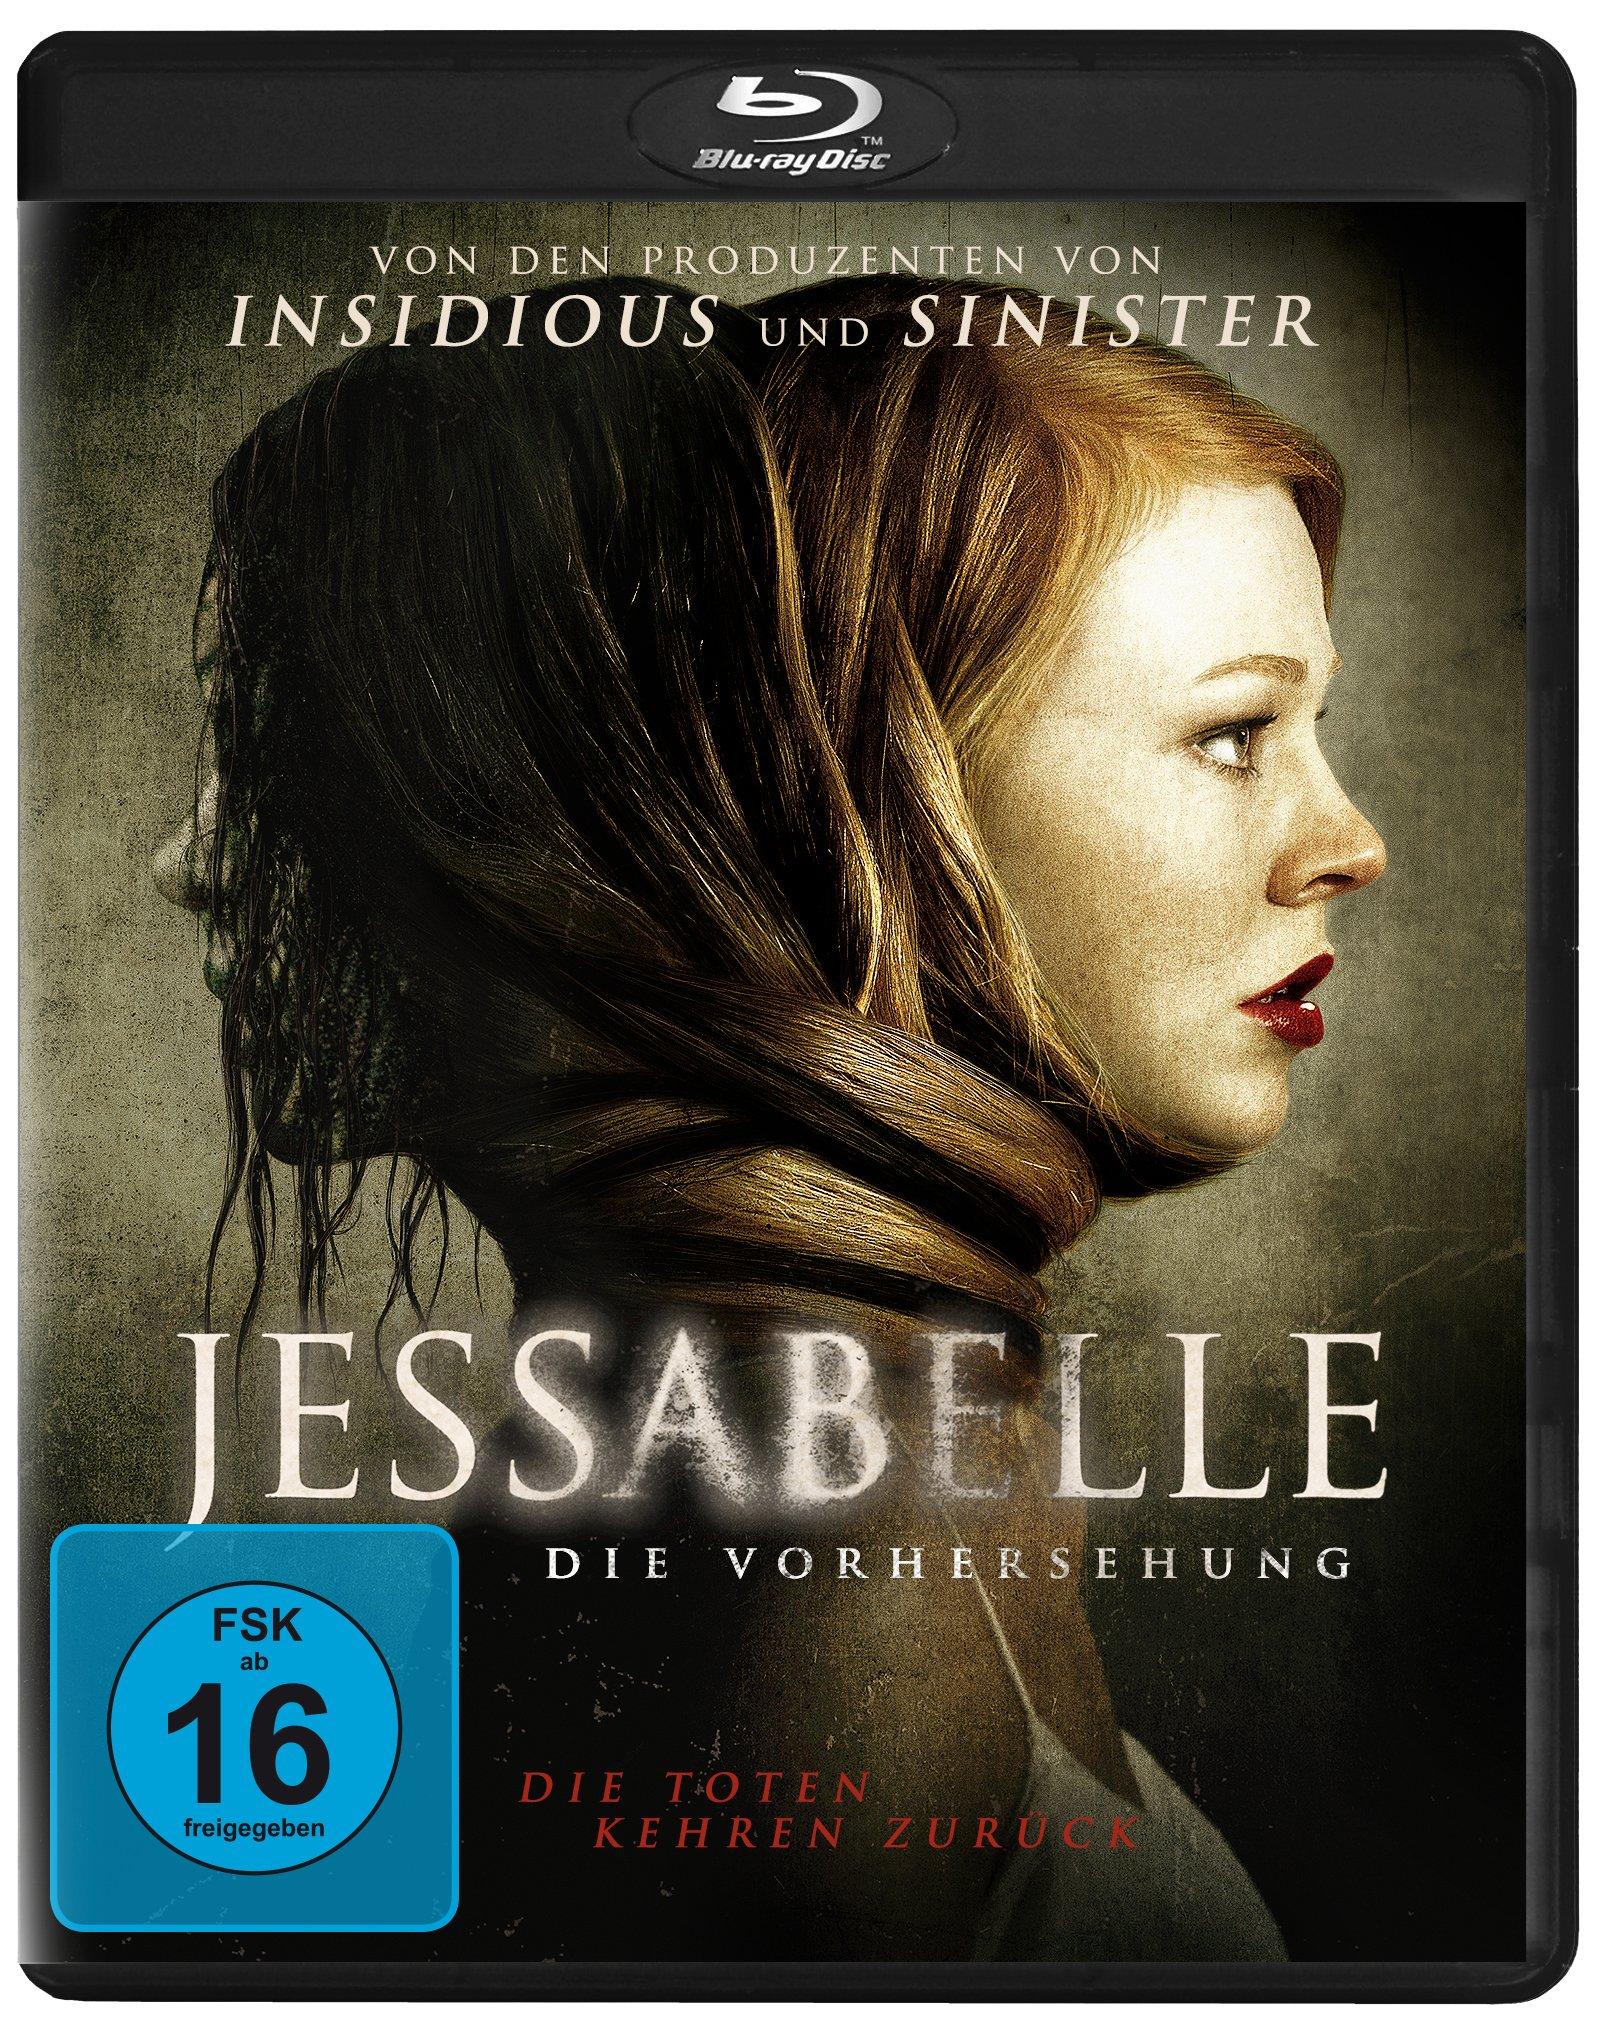 download Jessabelle Die Vorsehung